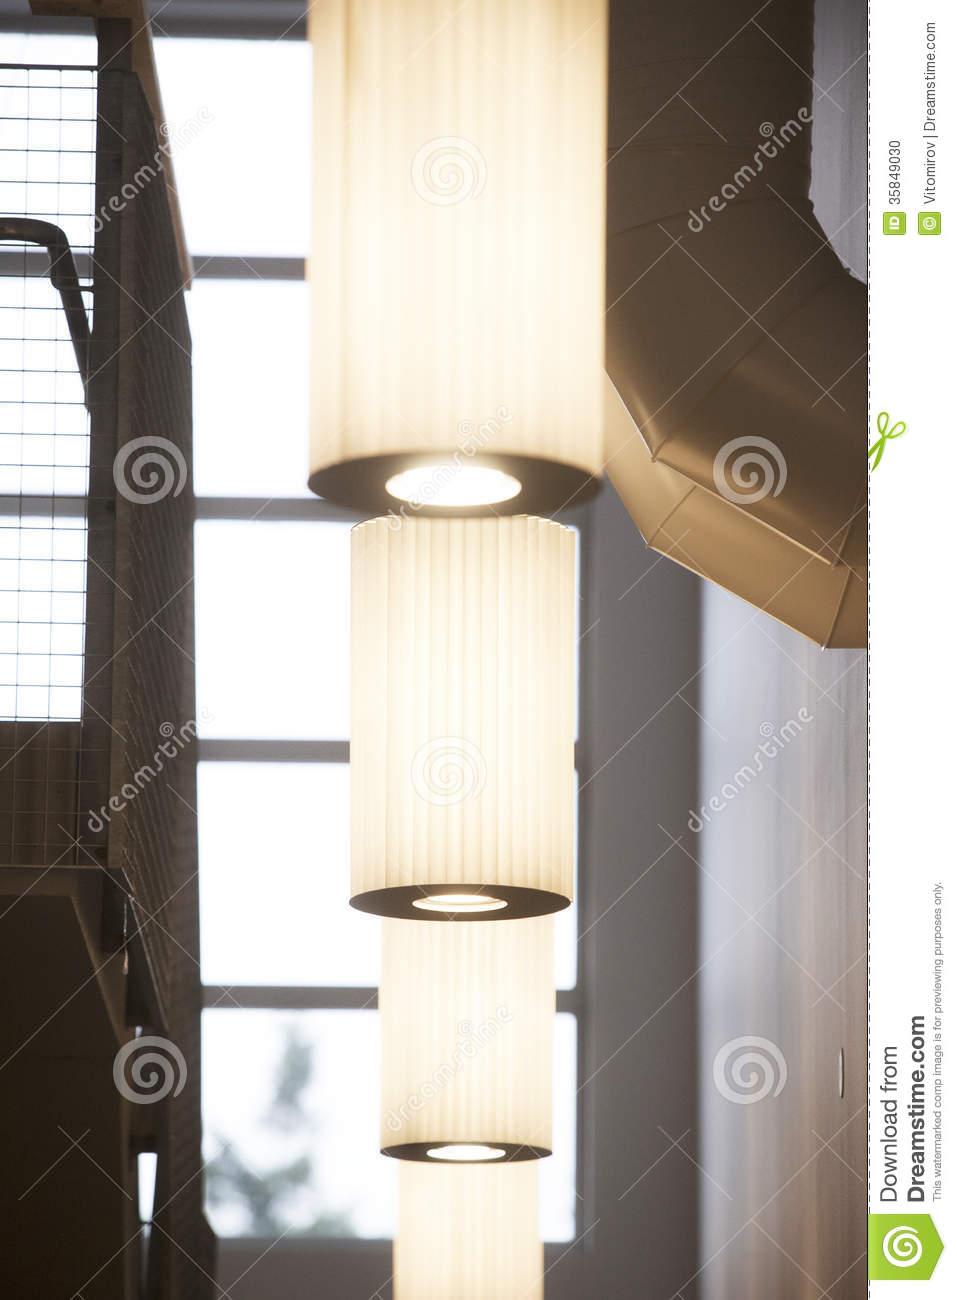 Full Size of Lampen Stockfoto Bild Von Raum Bad Led Bett 180x200 Wohnzimmer Landhausküche Küche Duschen Esstisch Esstische Schlafzimmer Sofa Für Stehlampen Fürs Wohnzimmer Moderne Lampen